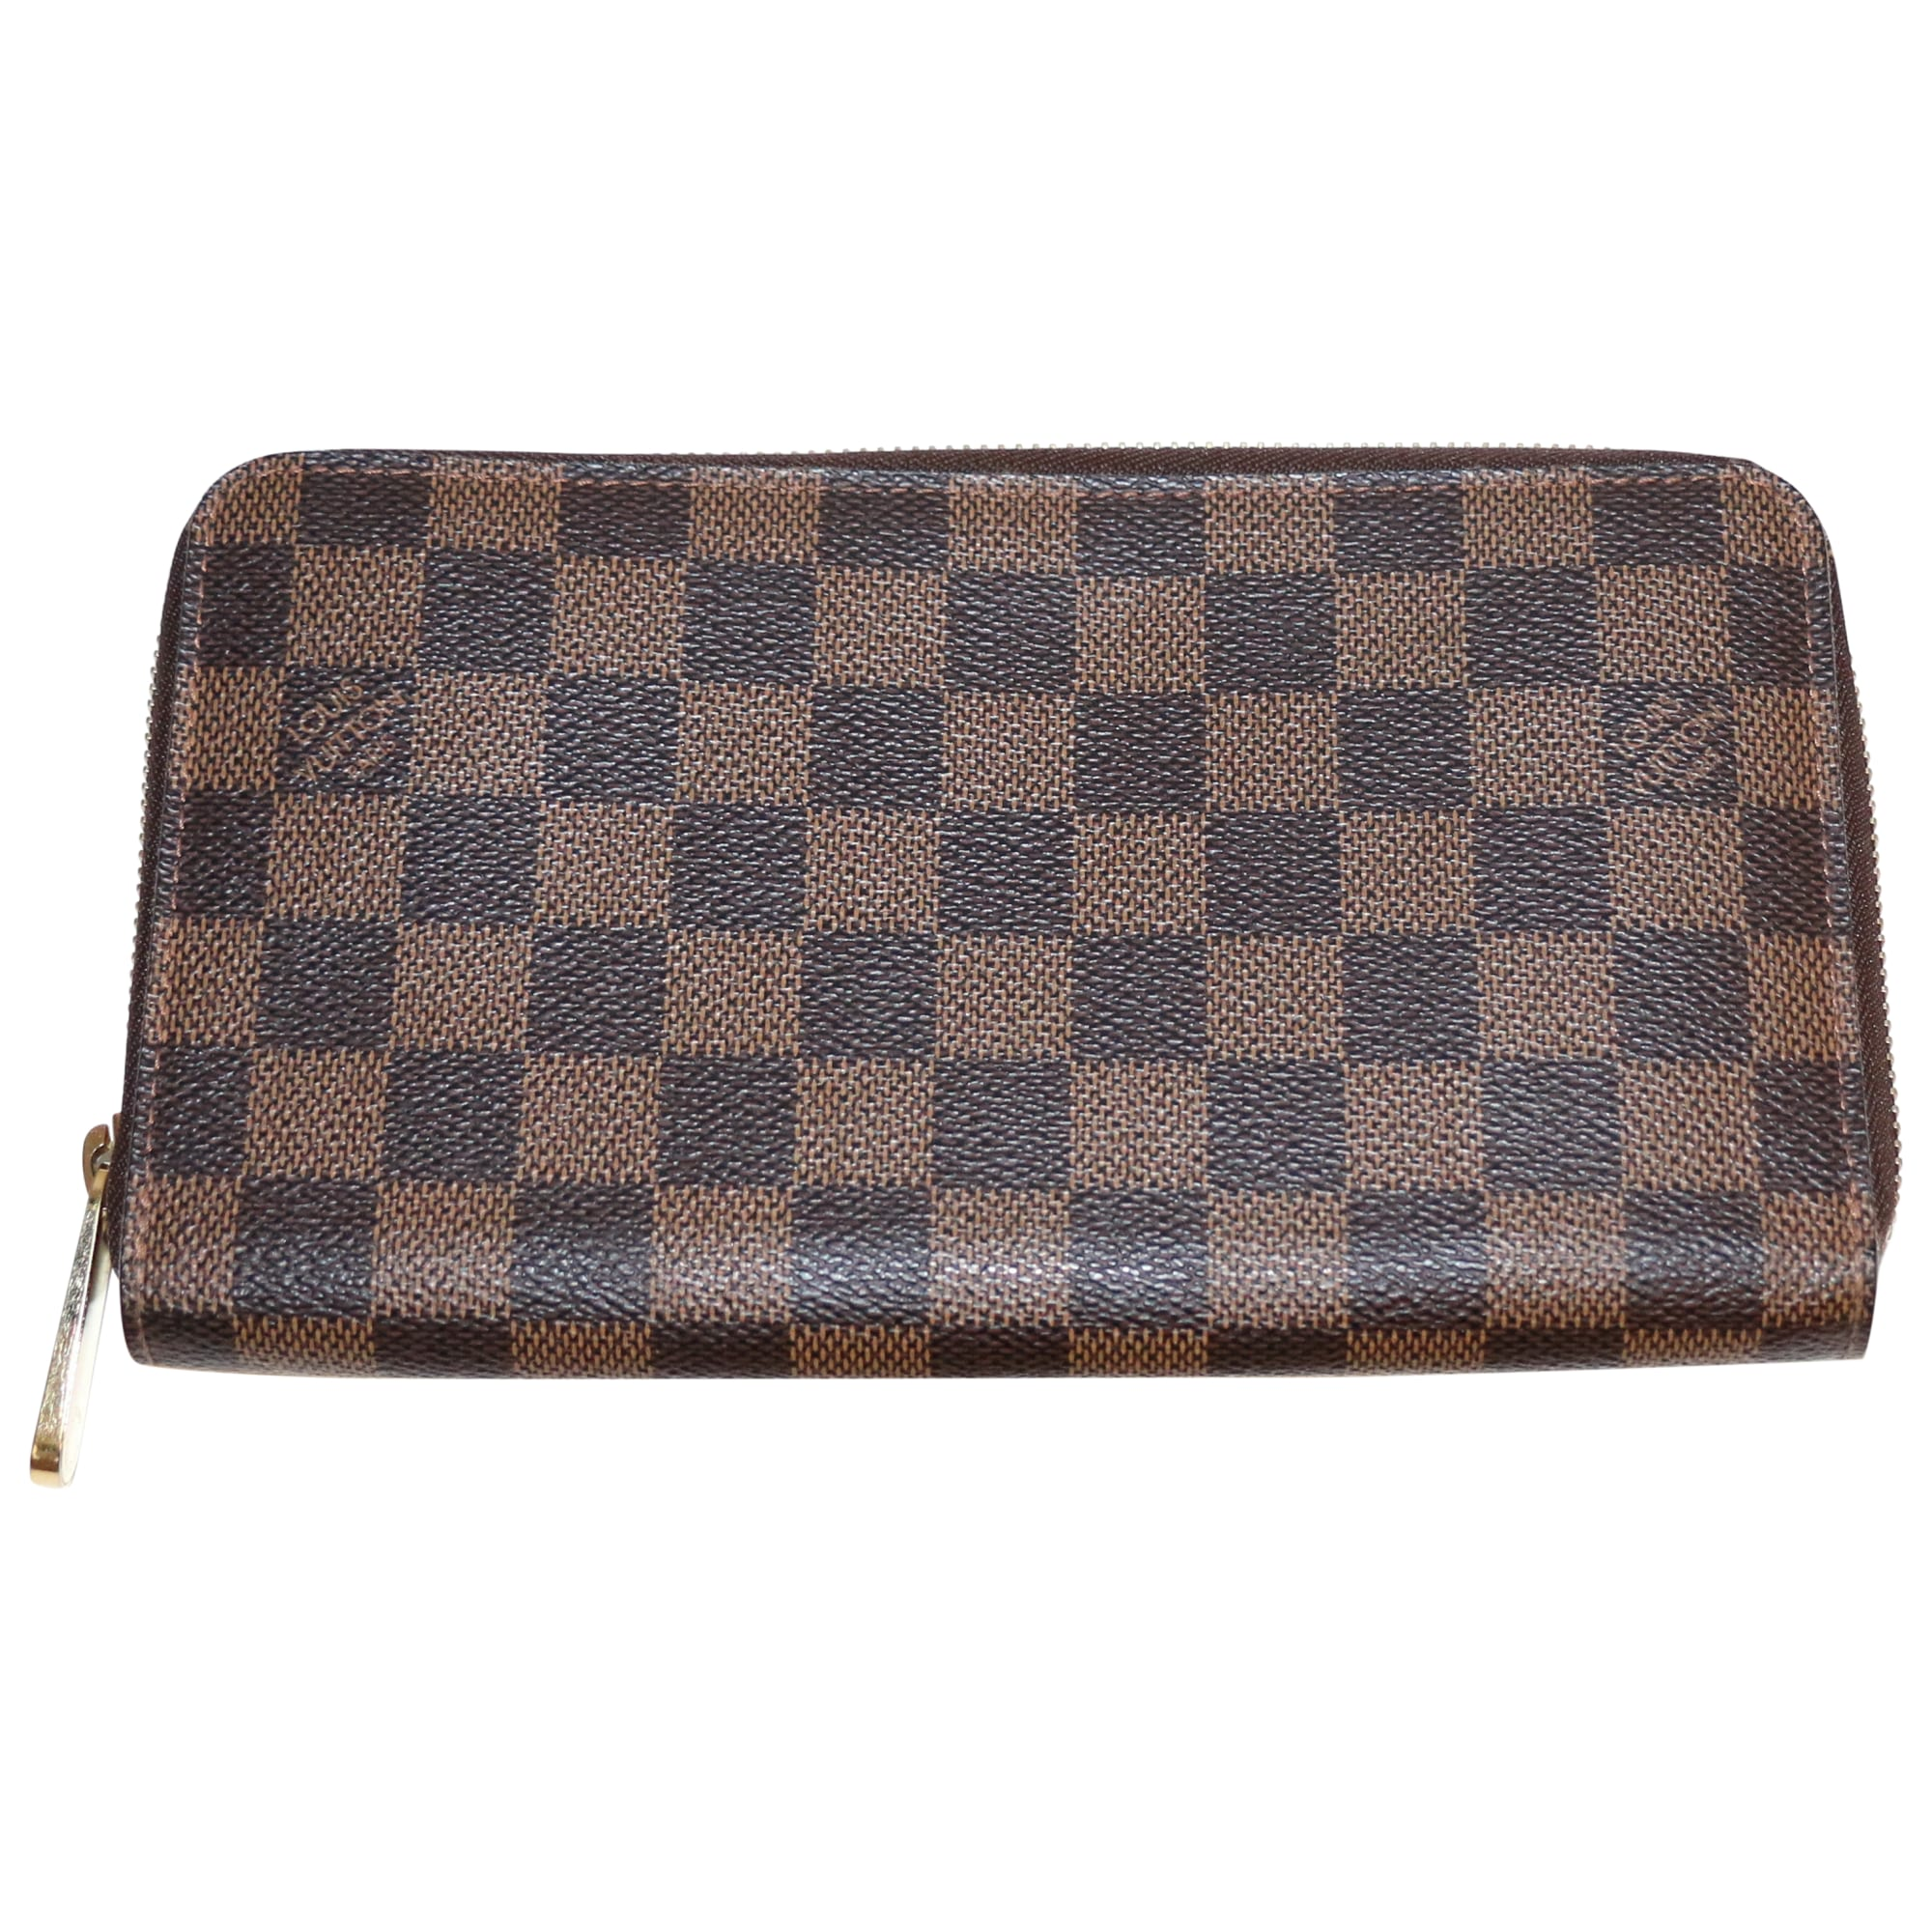 Portefeuille LOUIS VUITTON zippy marron vendu par Veronick - 4021571 3b2fe443729